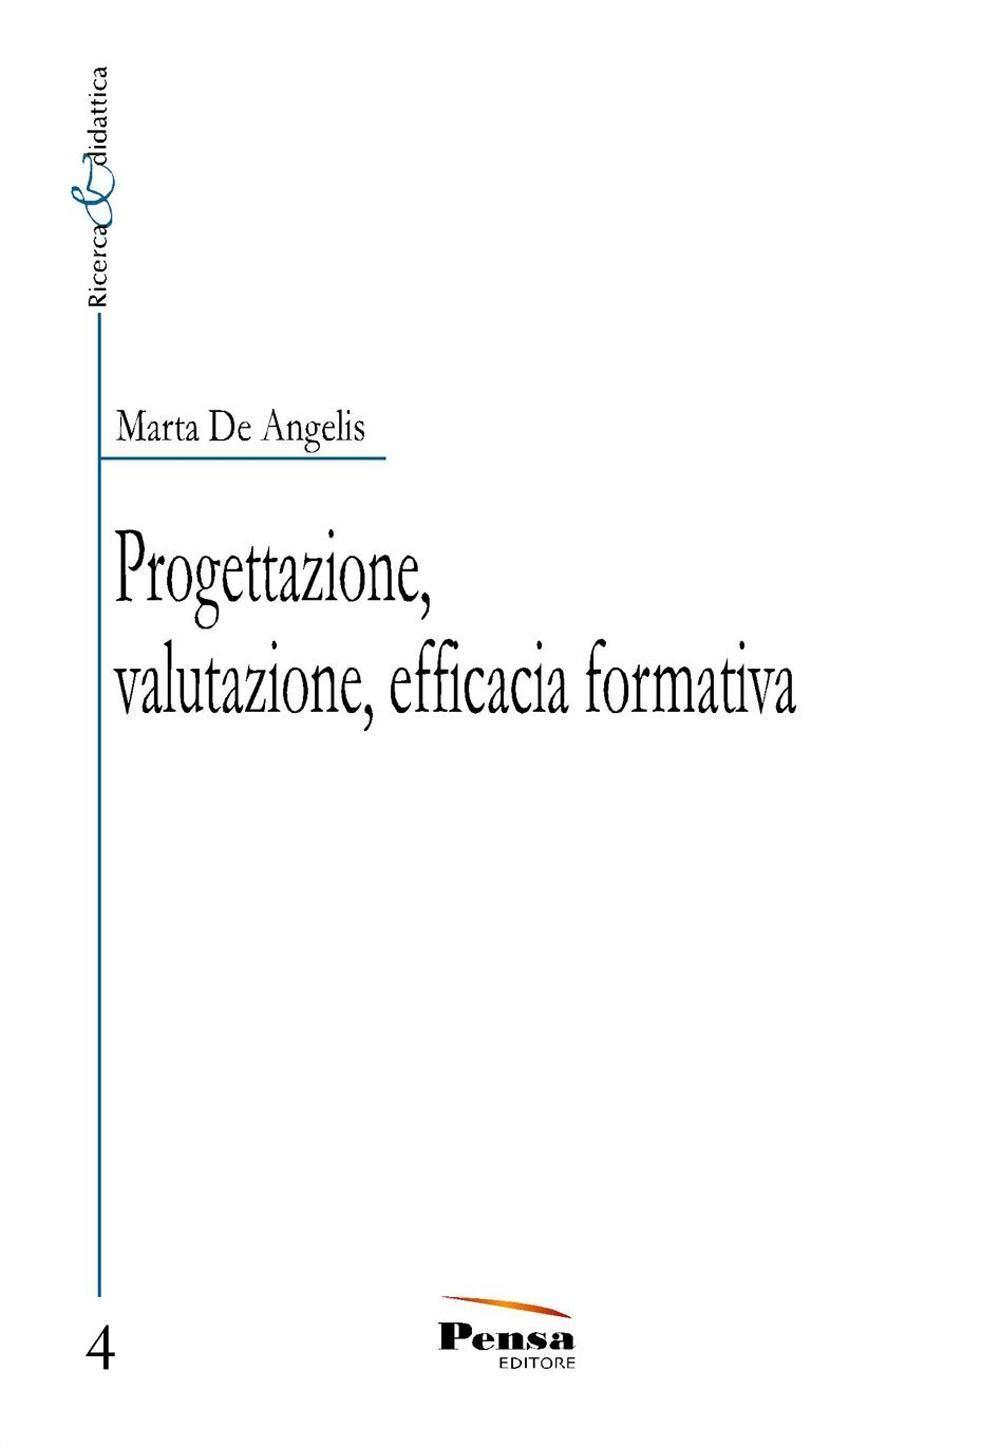 Progettazione, valutazione, efficacia formativa